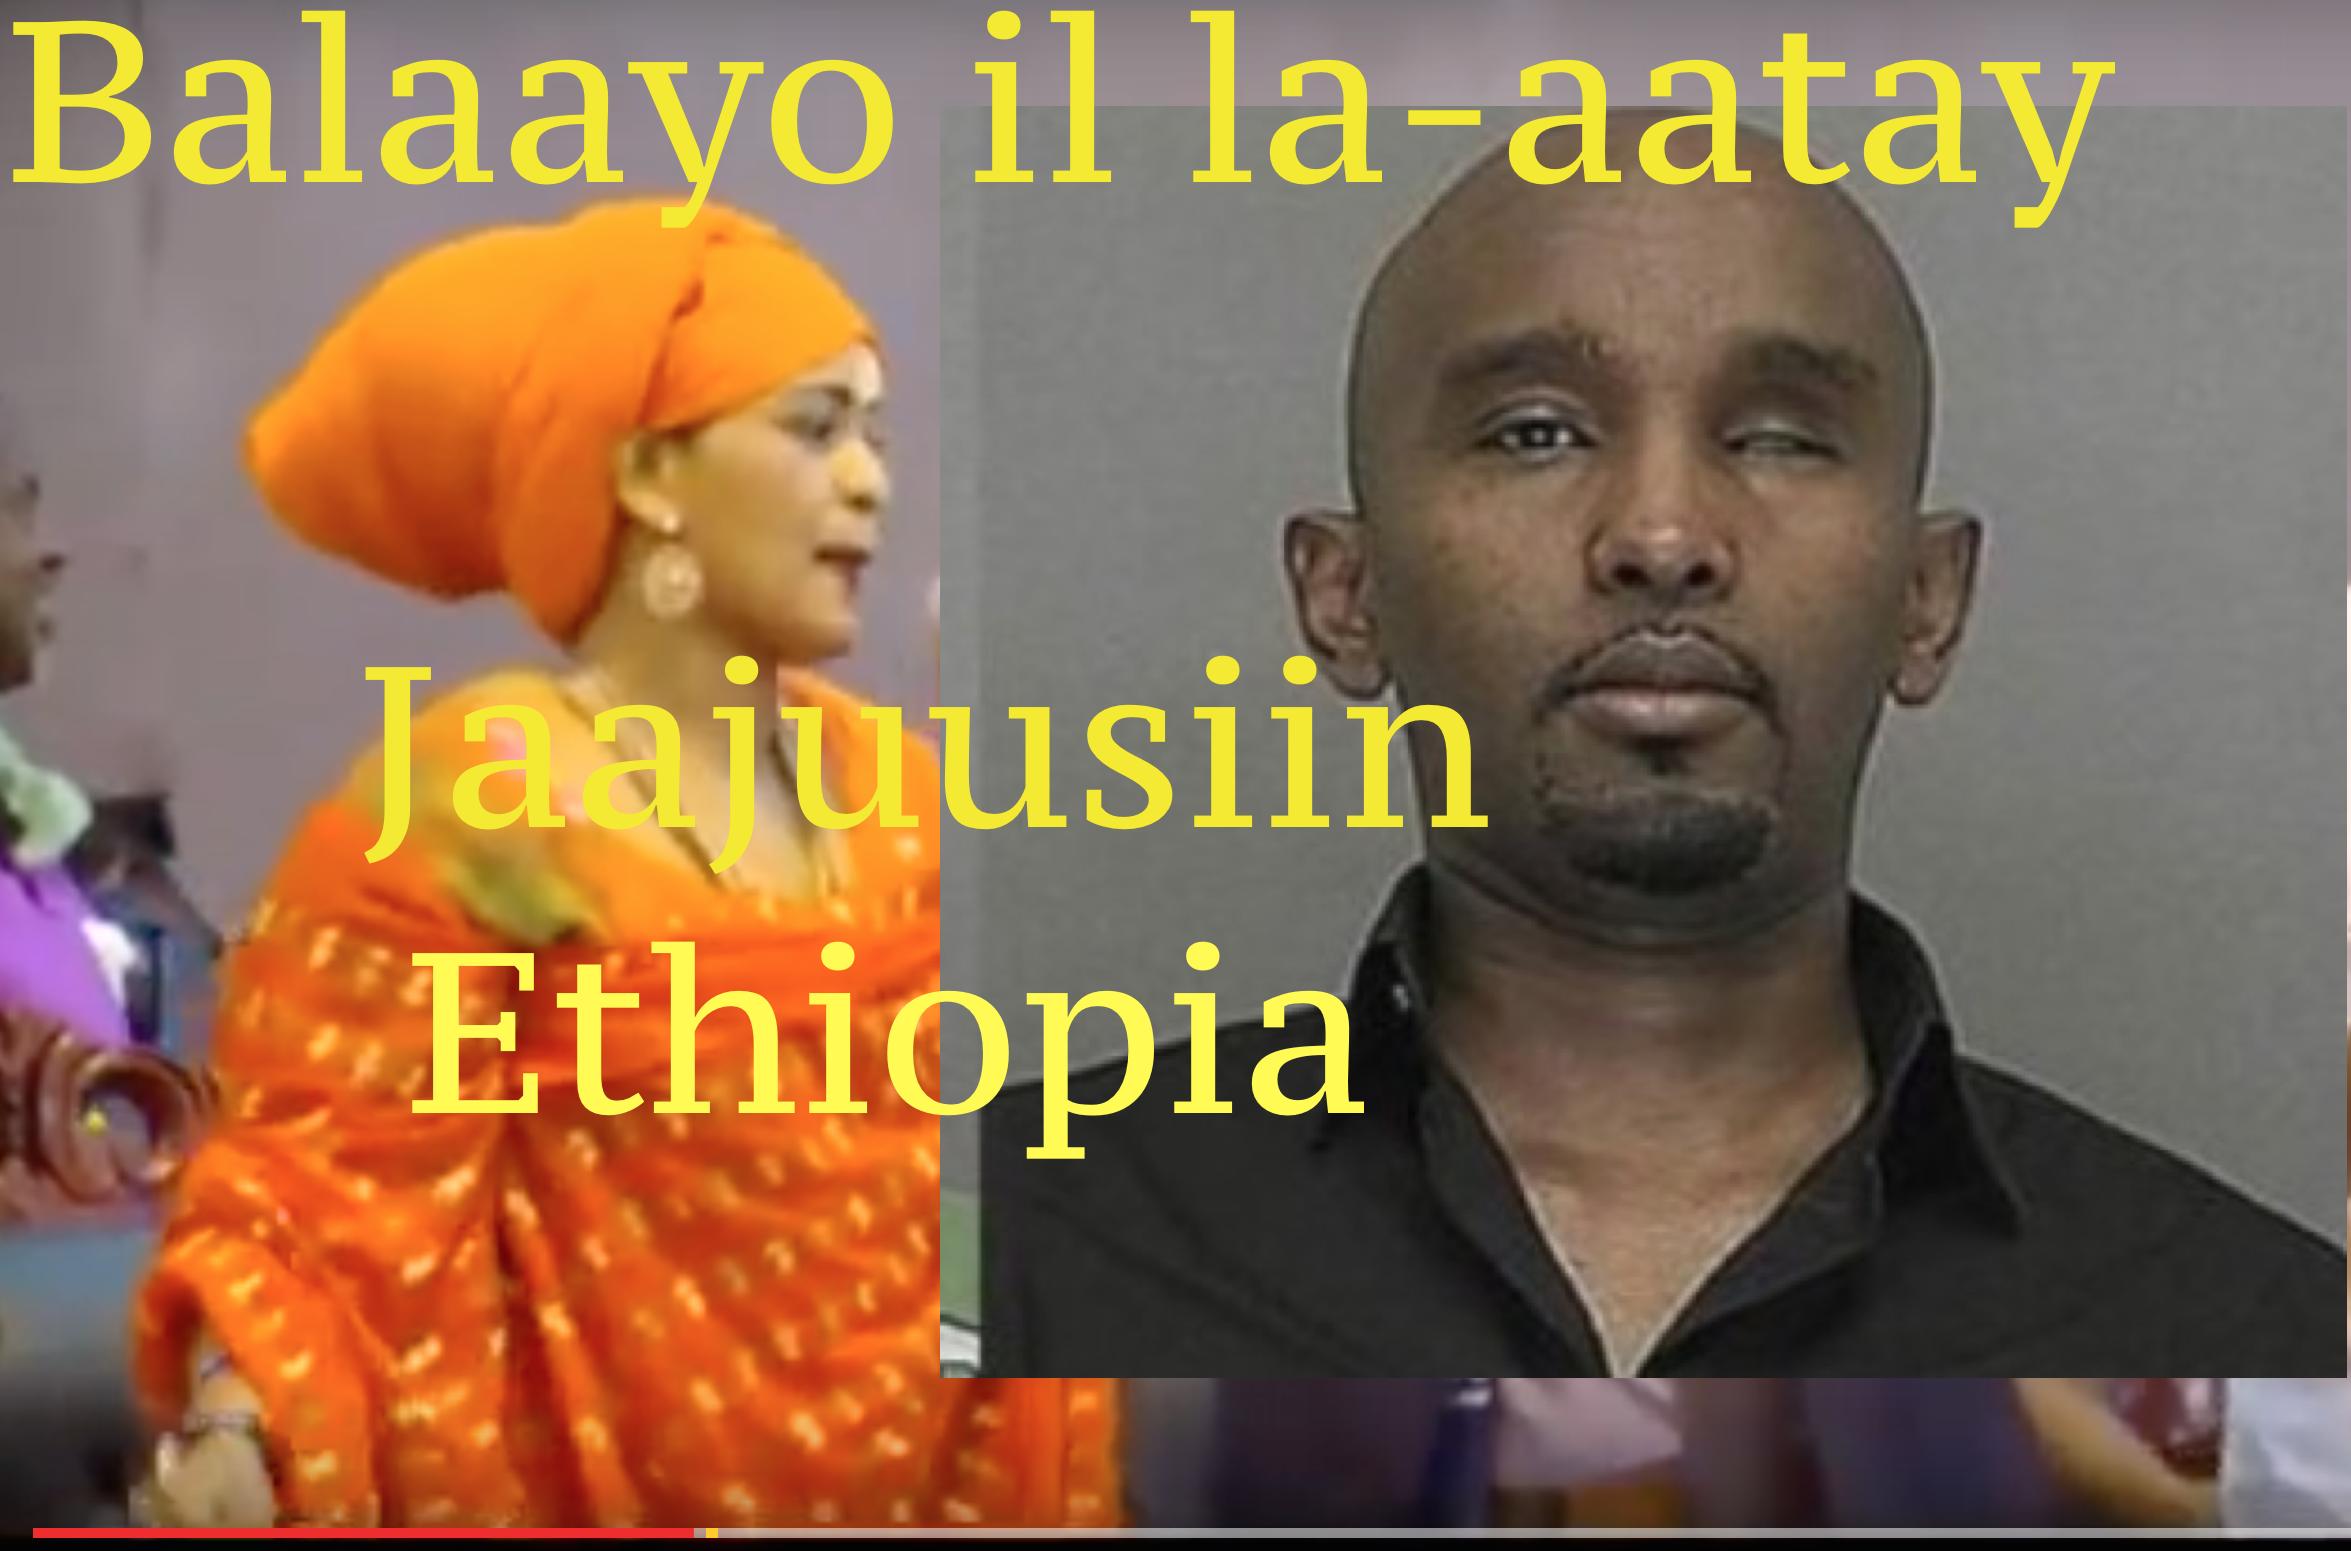 Daawo Fanaaniin noqday Jaajuusiin Ethiopia oo hees ugu gefay Calanka Somalia ?